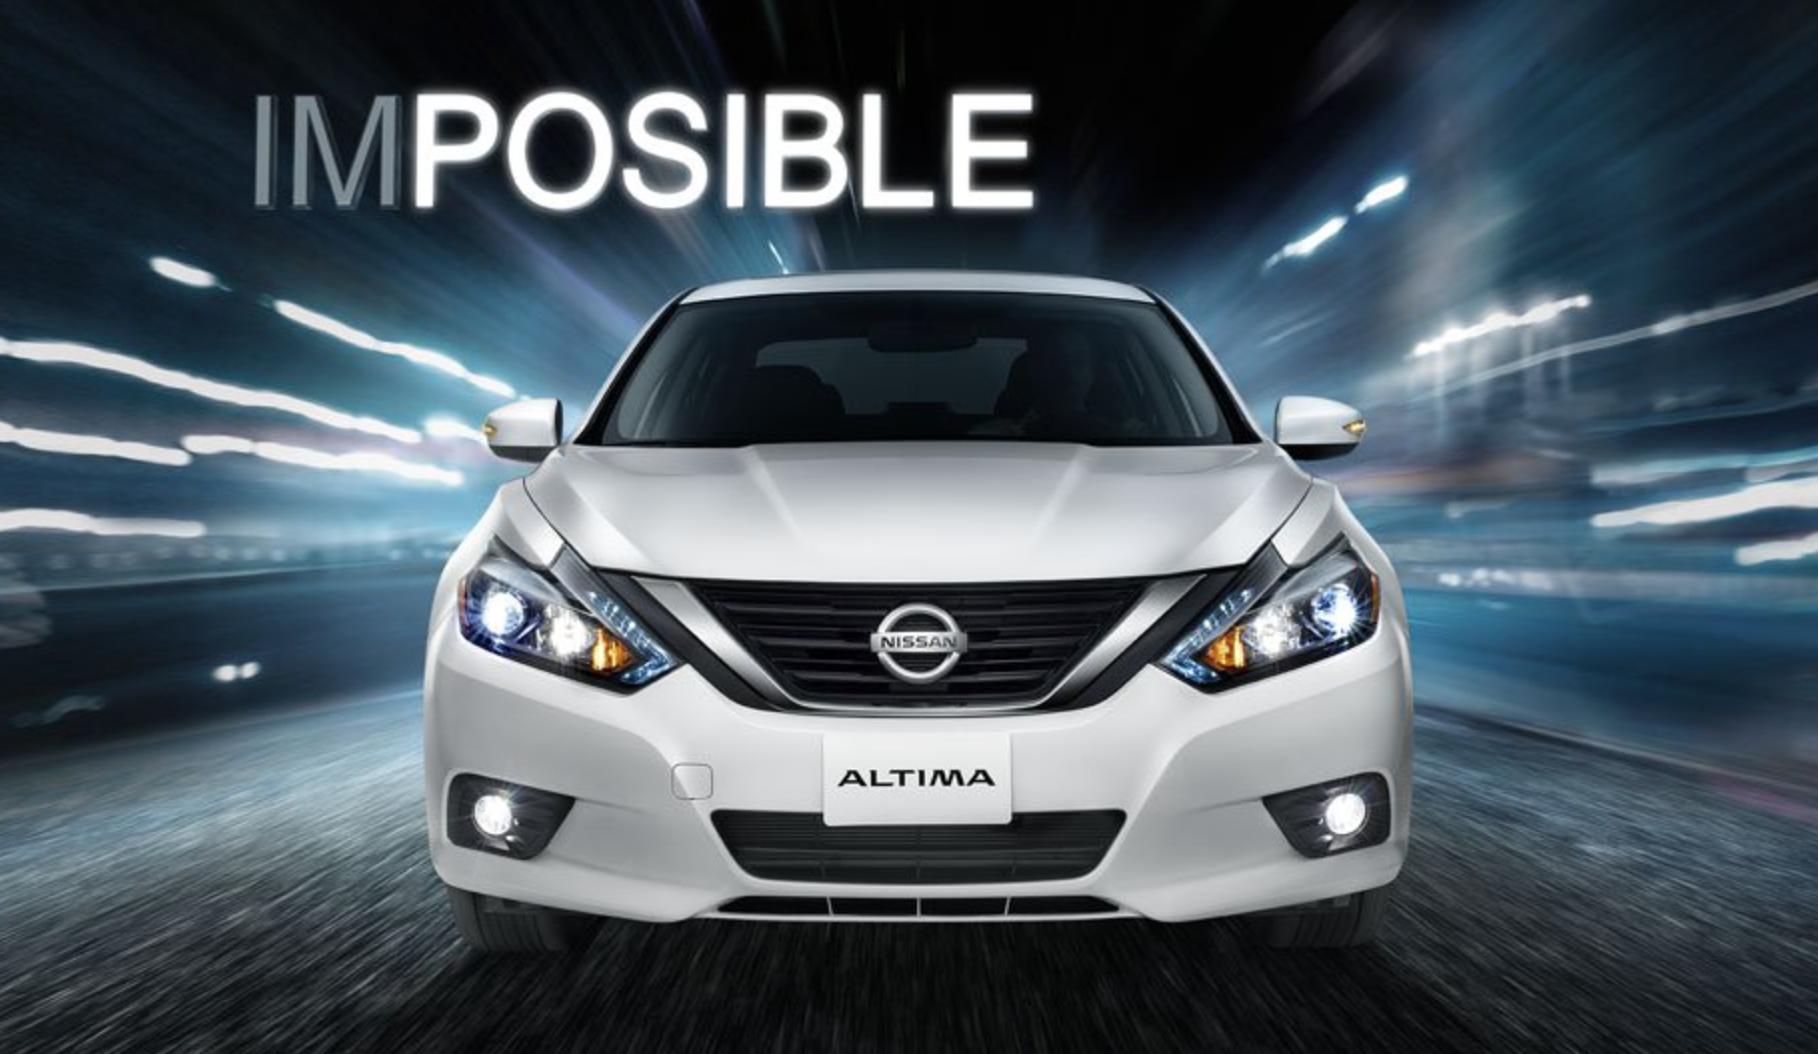 Nueva energía en Nissan: Altima 2017